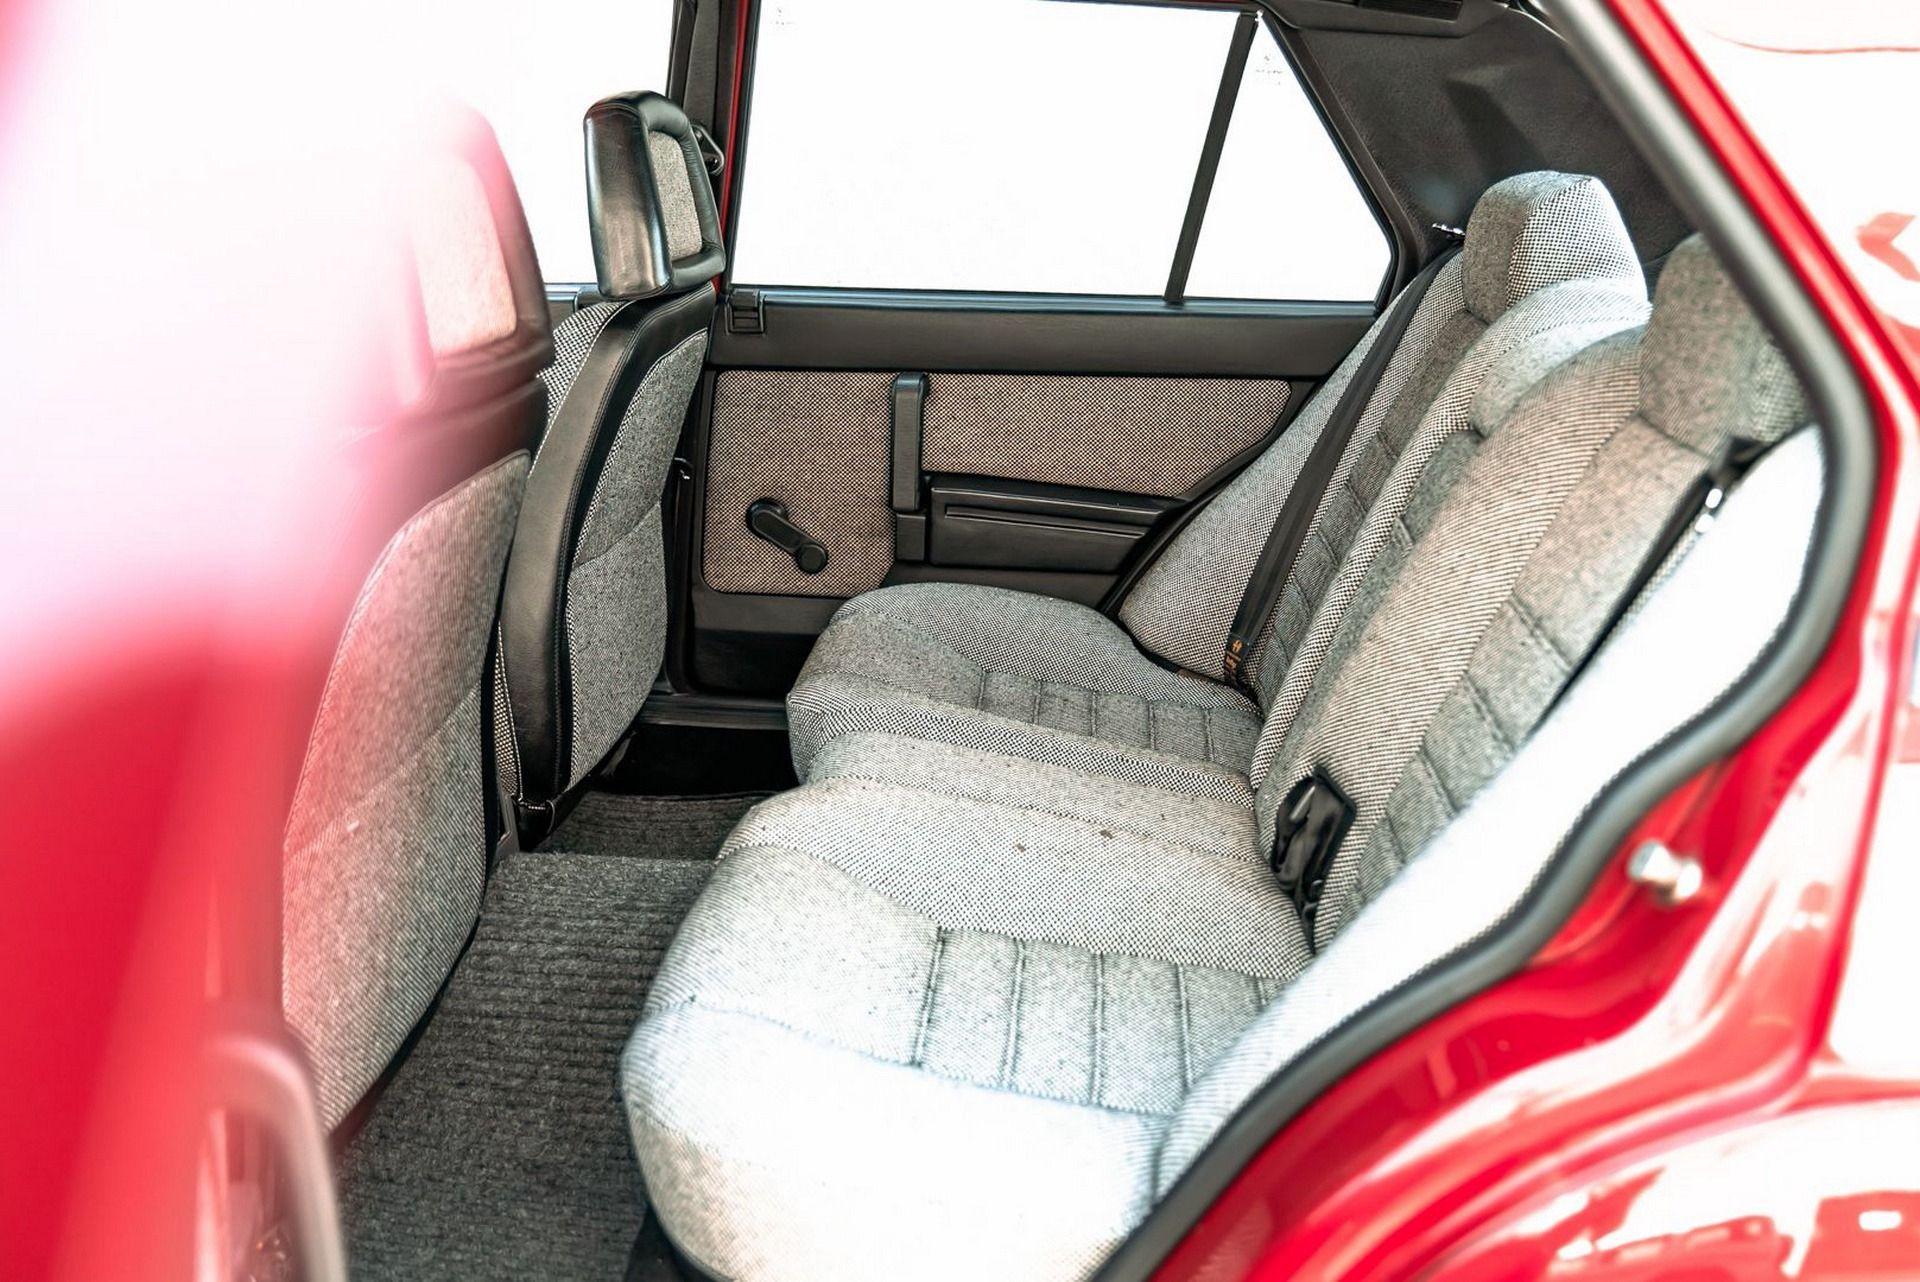 1987_Alfa_Romeo_75_Turbo_Evoluzione_sale-0023